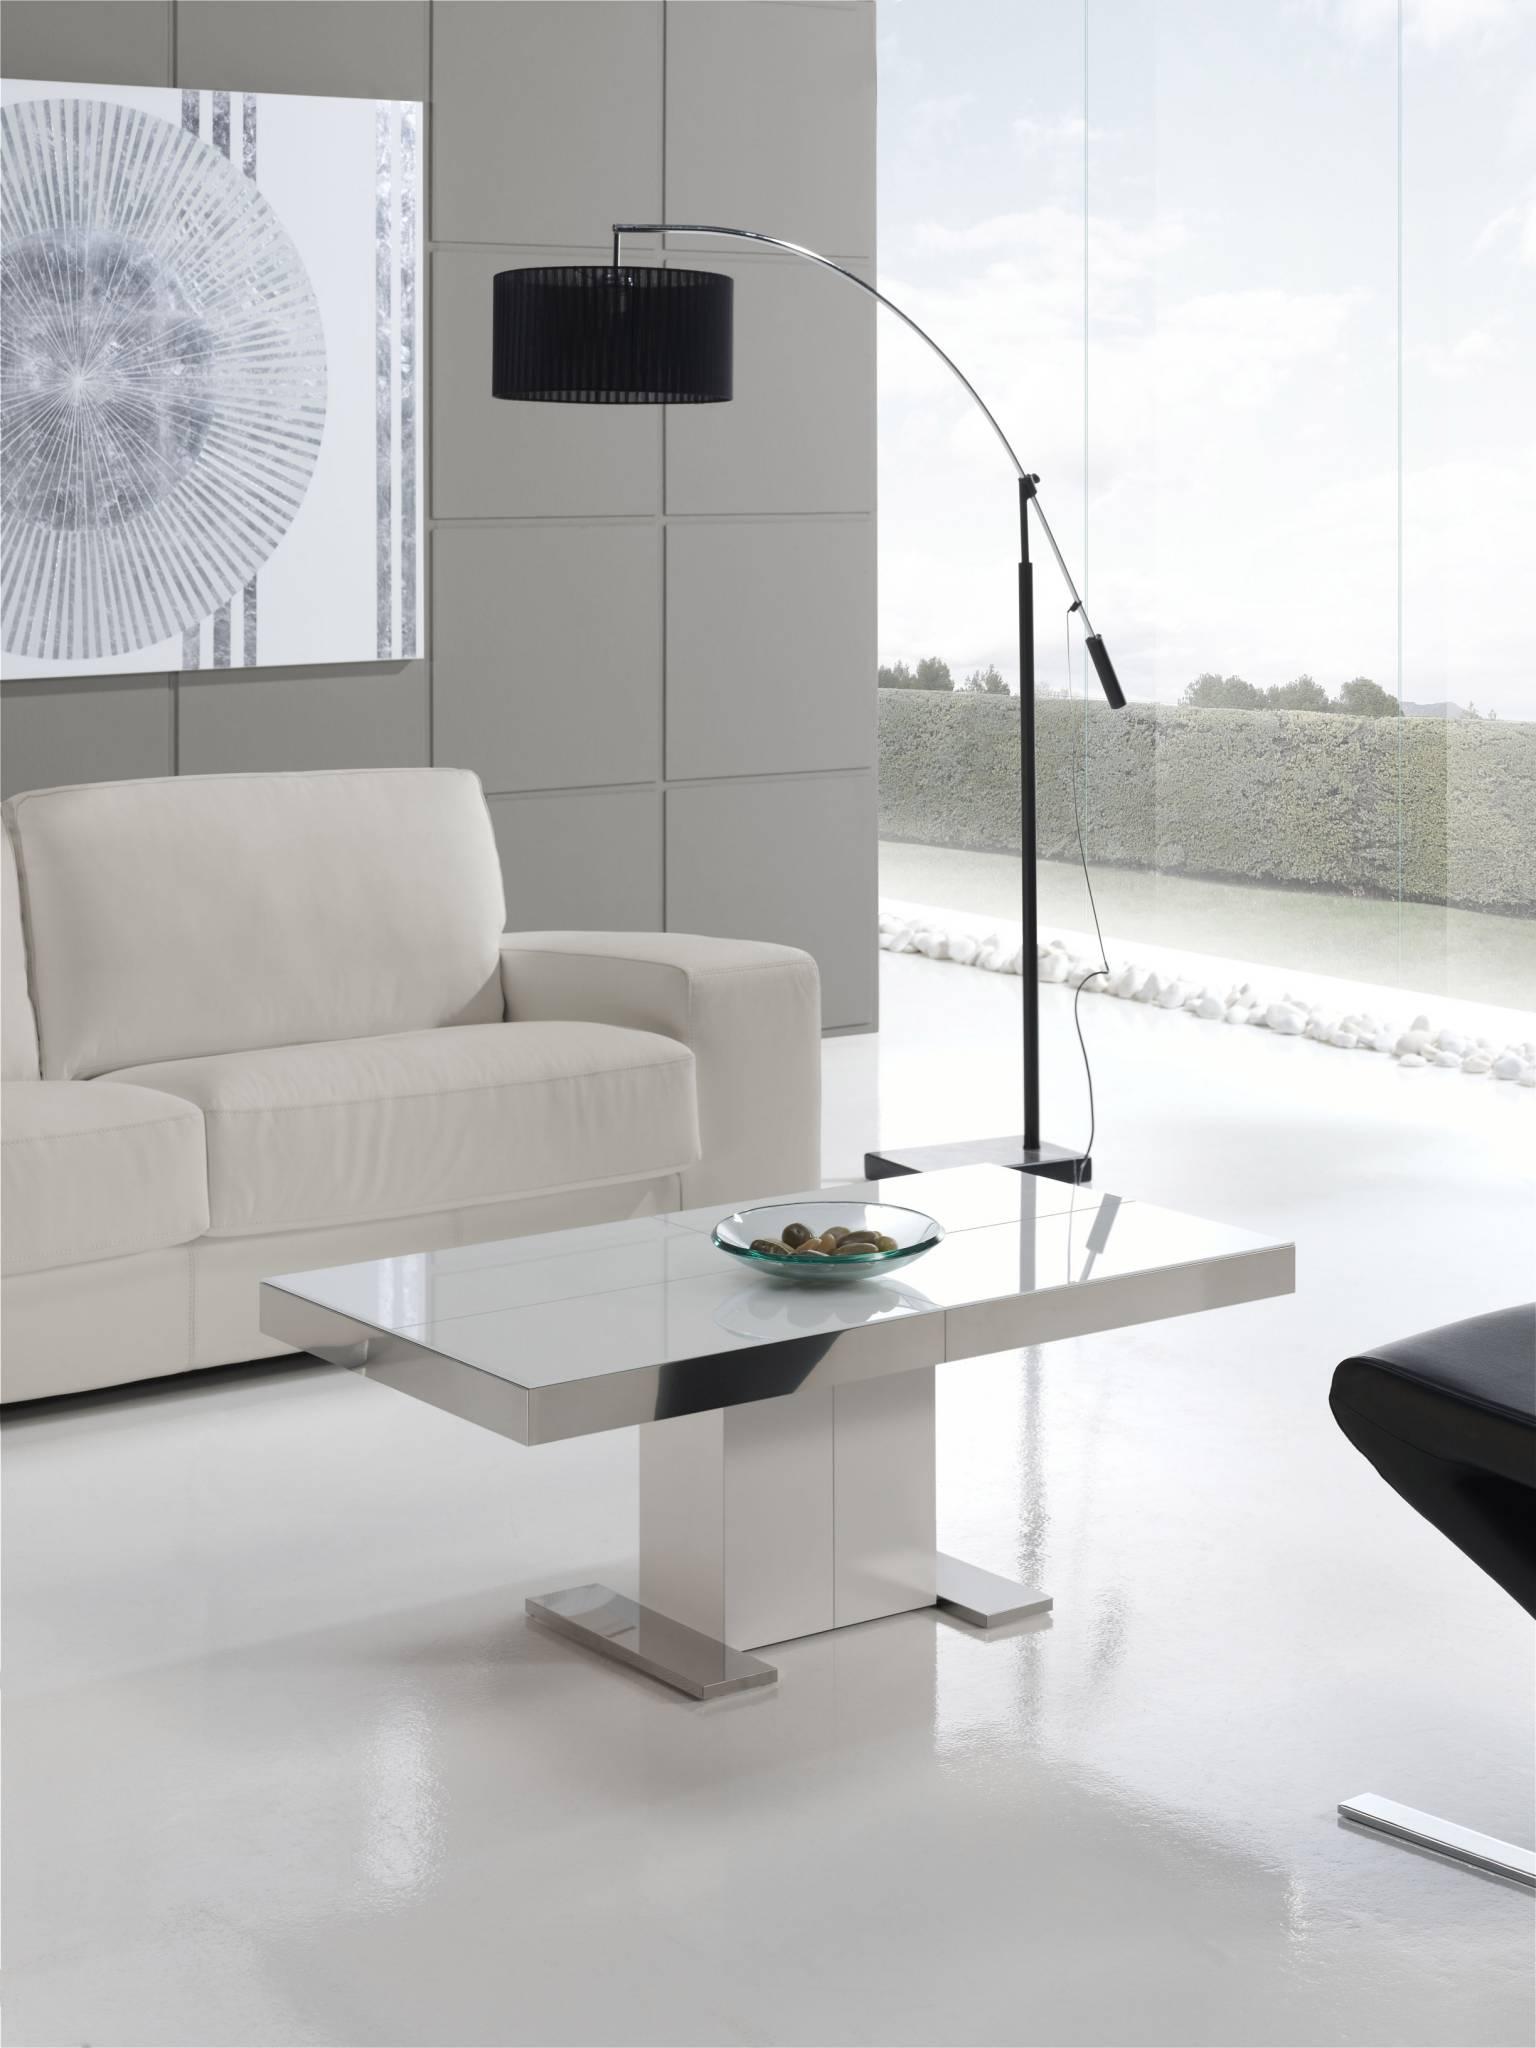 Mesa centro moderna muebles d azmuebles d az - Mesa de centro lack ...